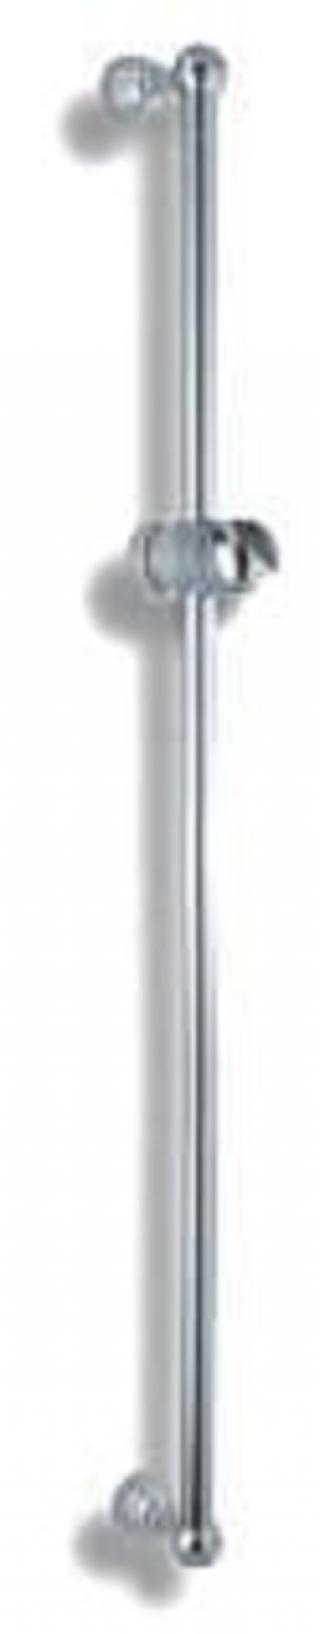 Sprchová tyč Novaservis Metalia 3 na stěnu s držákem sprchy chrom 6339,0 chrom chrom